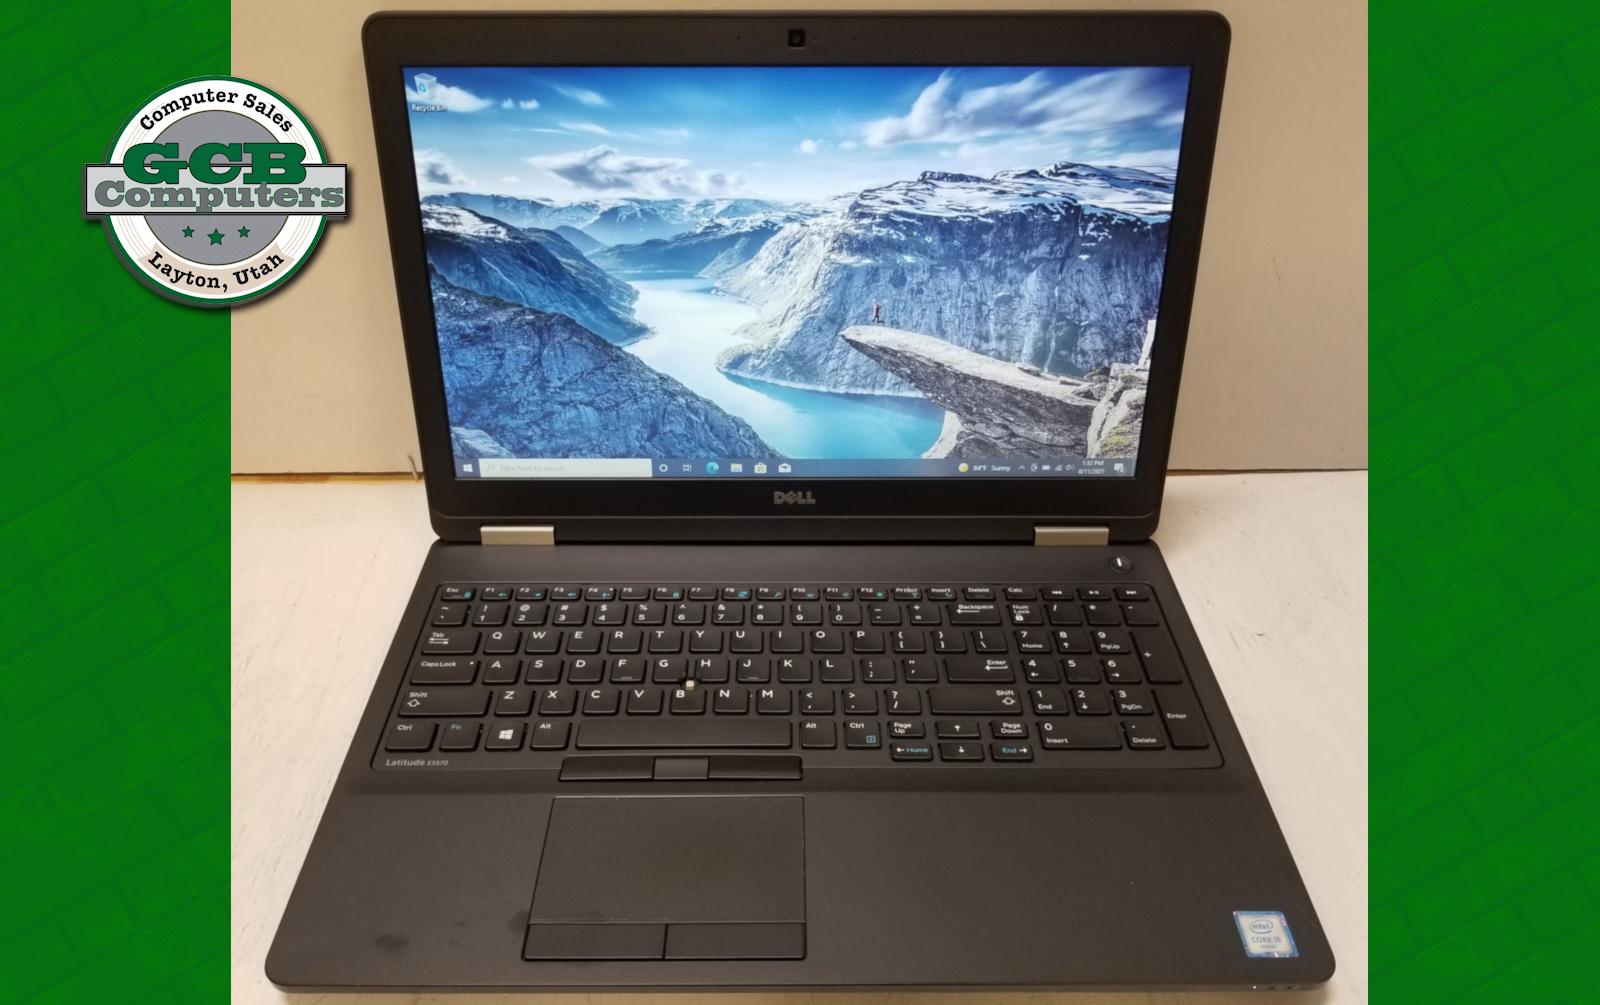 $250 Dell 5570 i5-6200U 256GB SSD 8GB RAM